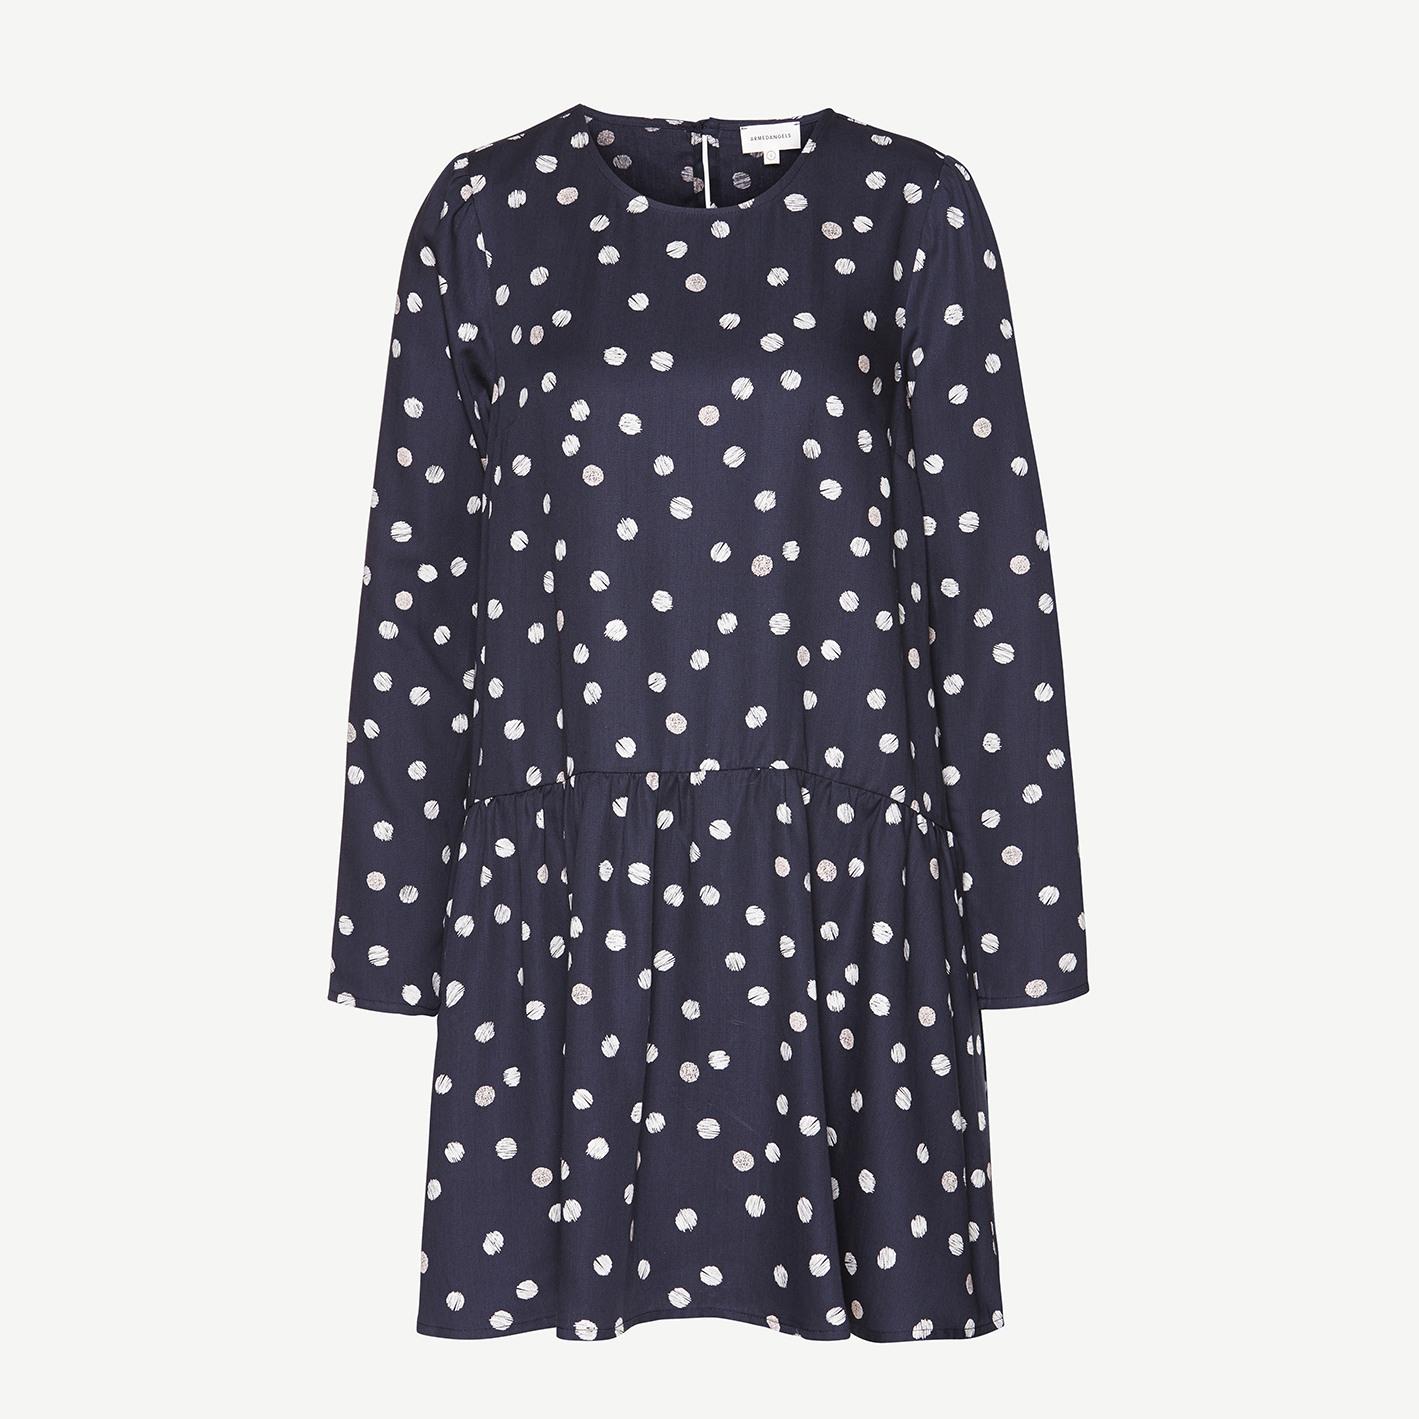 13 Genial Kleid Mit Punkten Vertrieb15 Fantastisch Kleid Mit Punkten Vertrieb